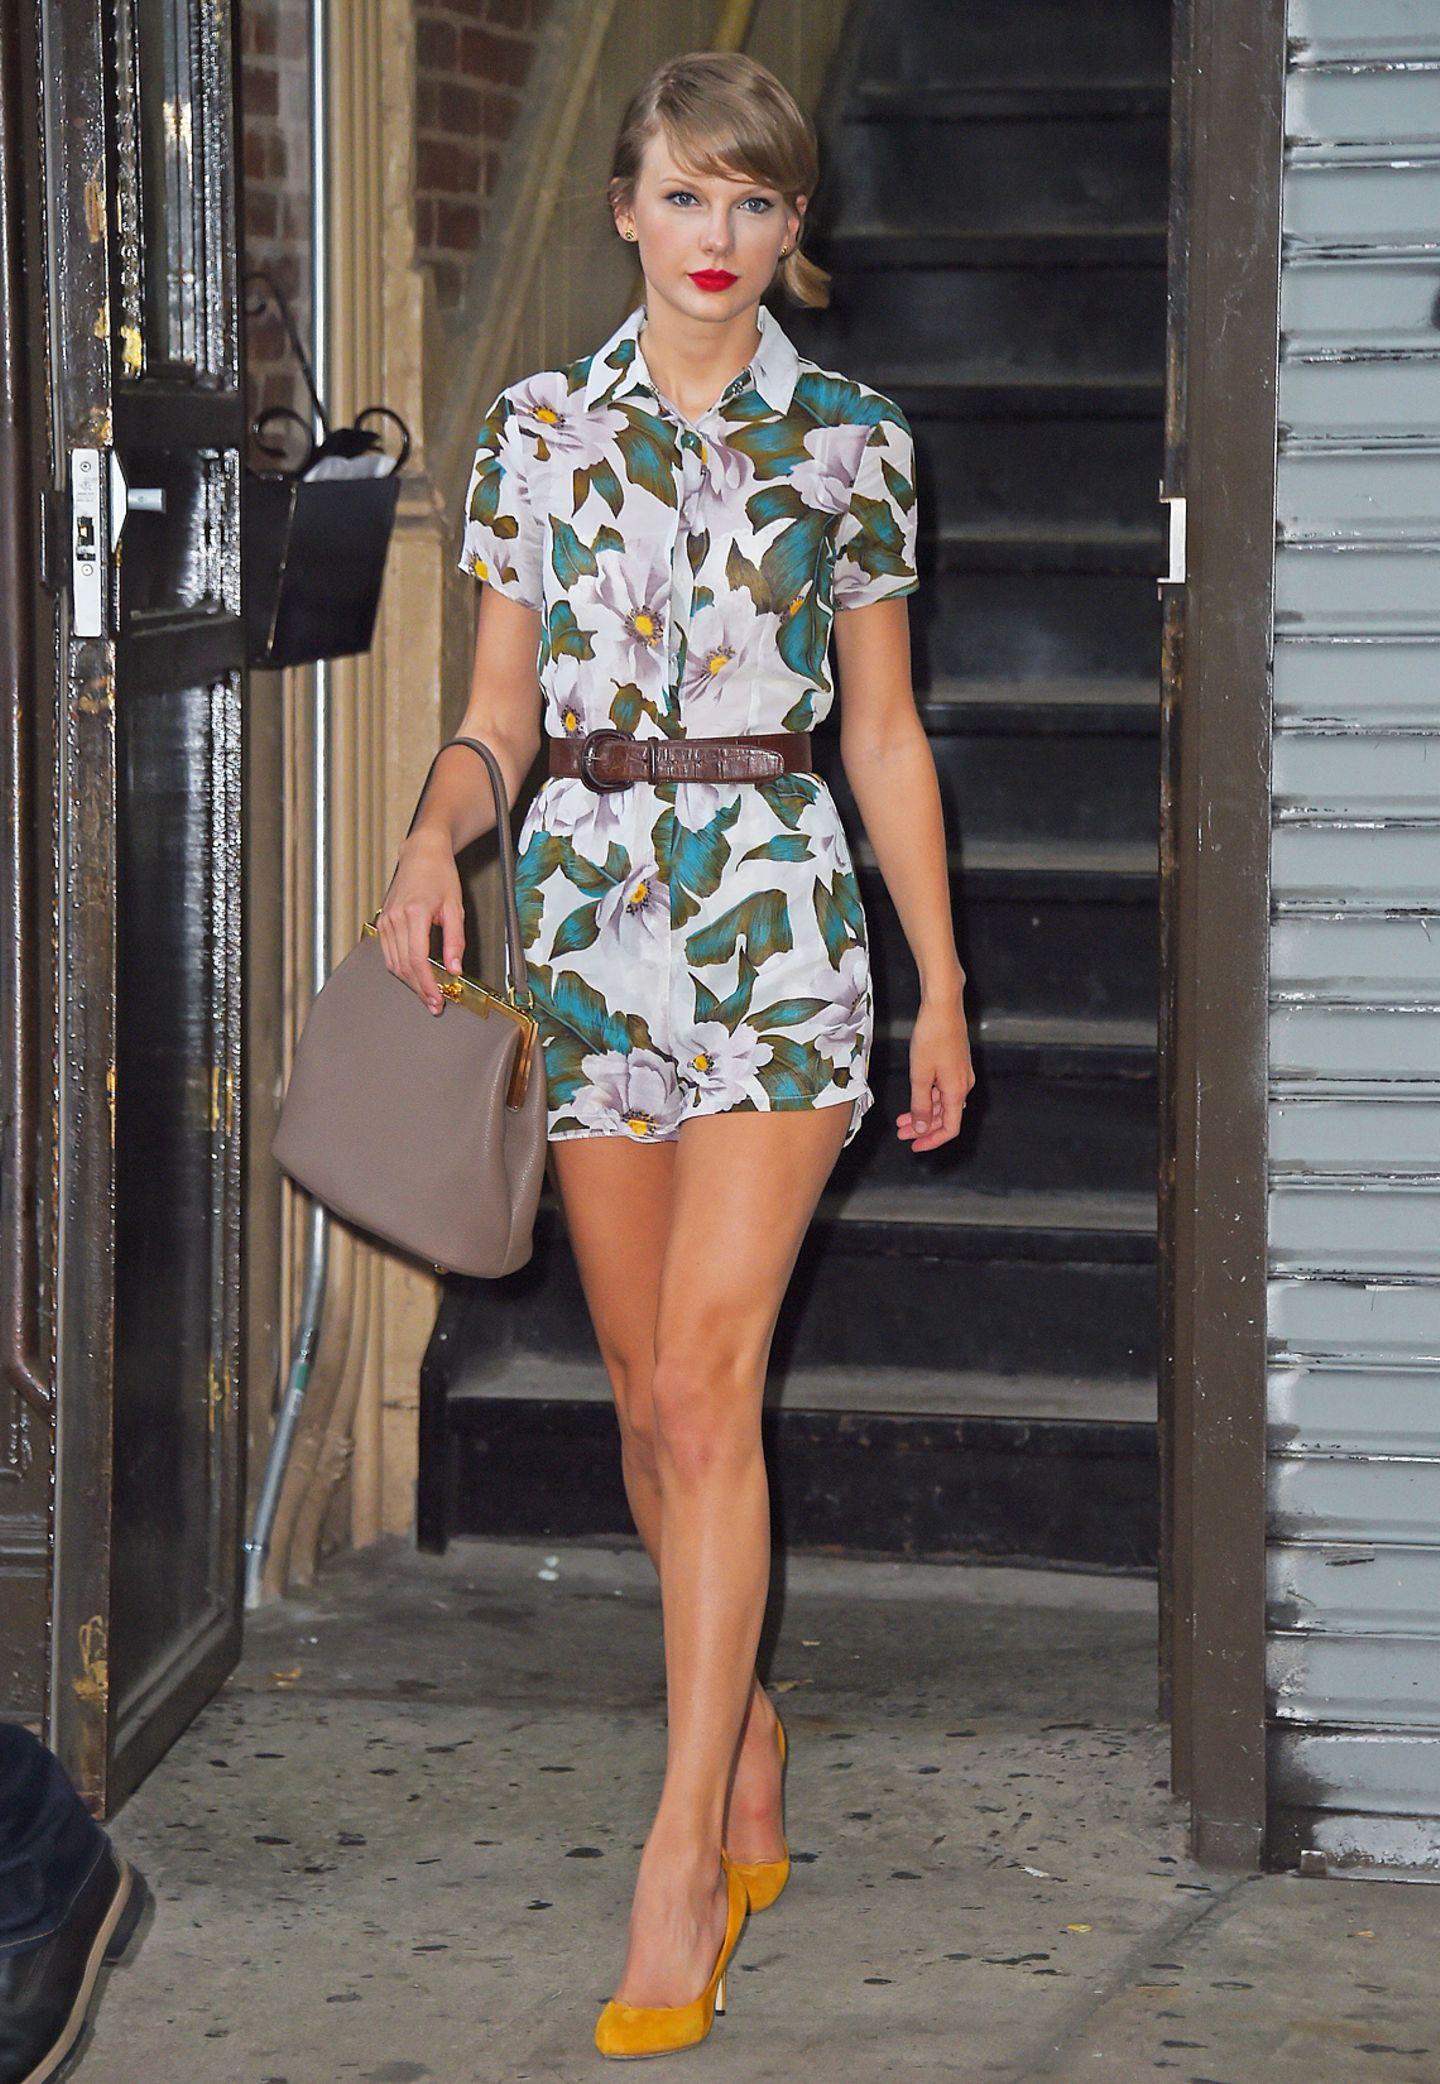 Taylor Swift beherrscht den verspielten Mädchen-Look auf dem Effeff. Das zeigt sie auch mit diesem blumigen Jumpsuit, den sie farblich passend mit gelben Wildleder-Pumps kombiniert.